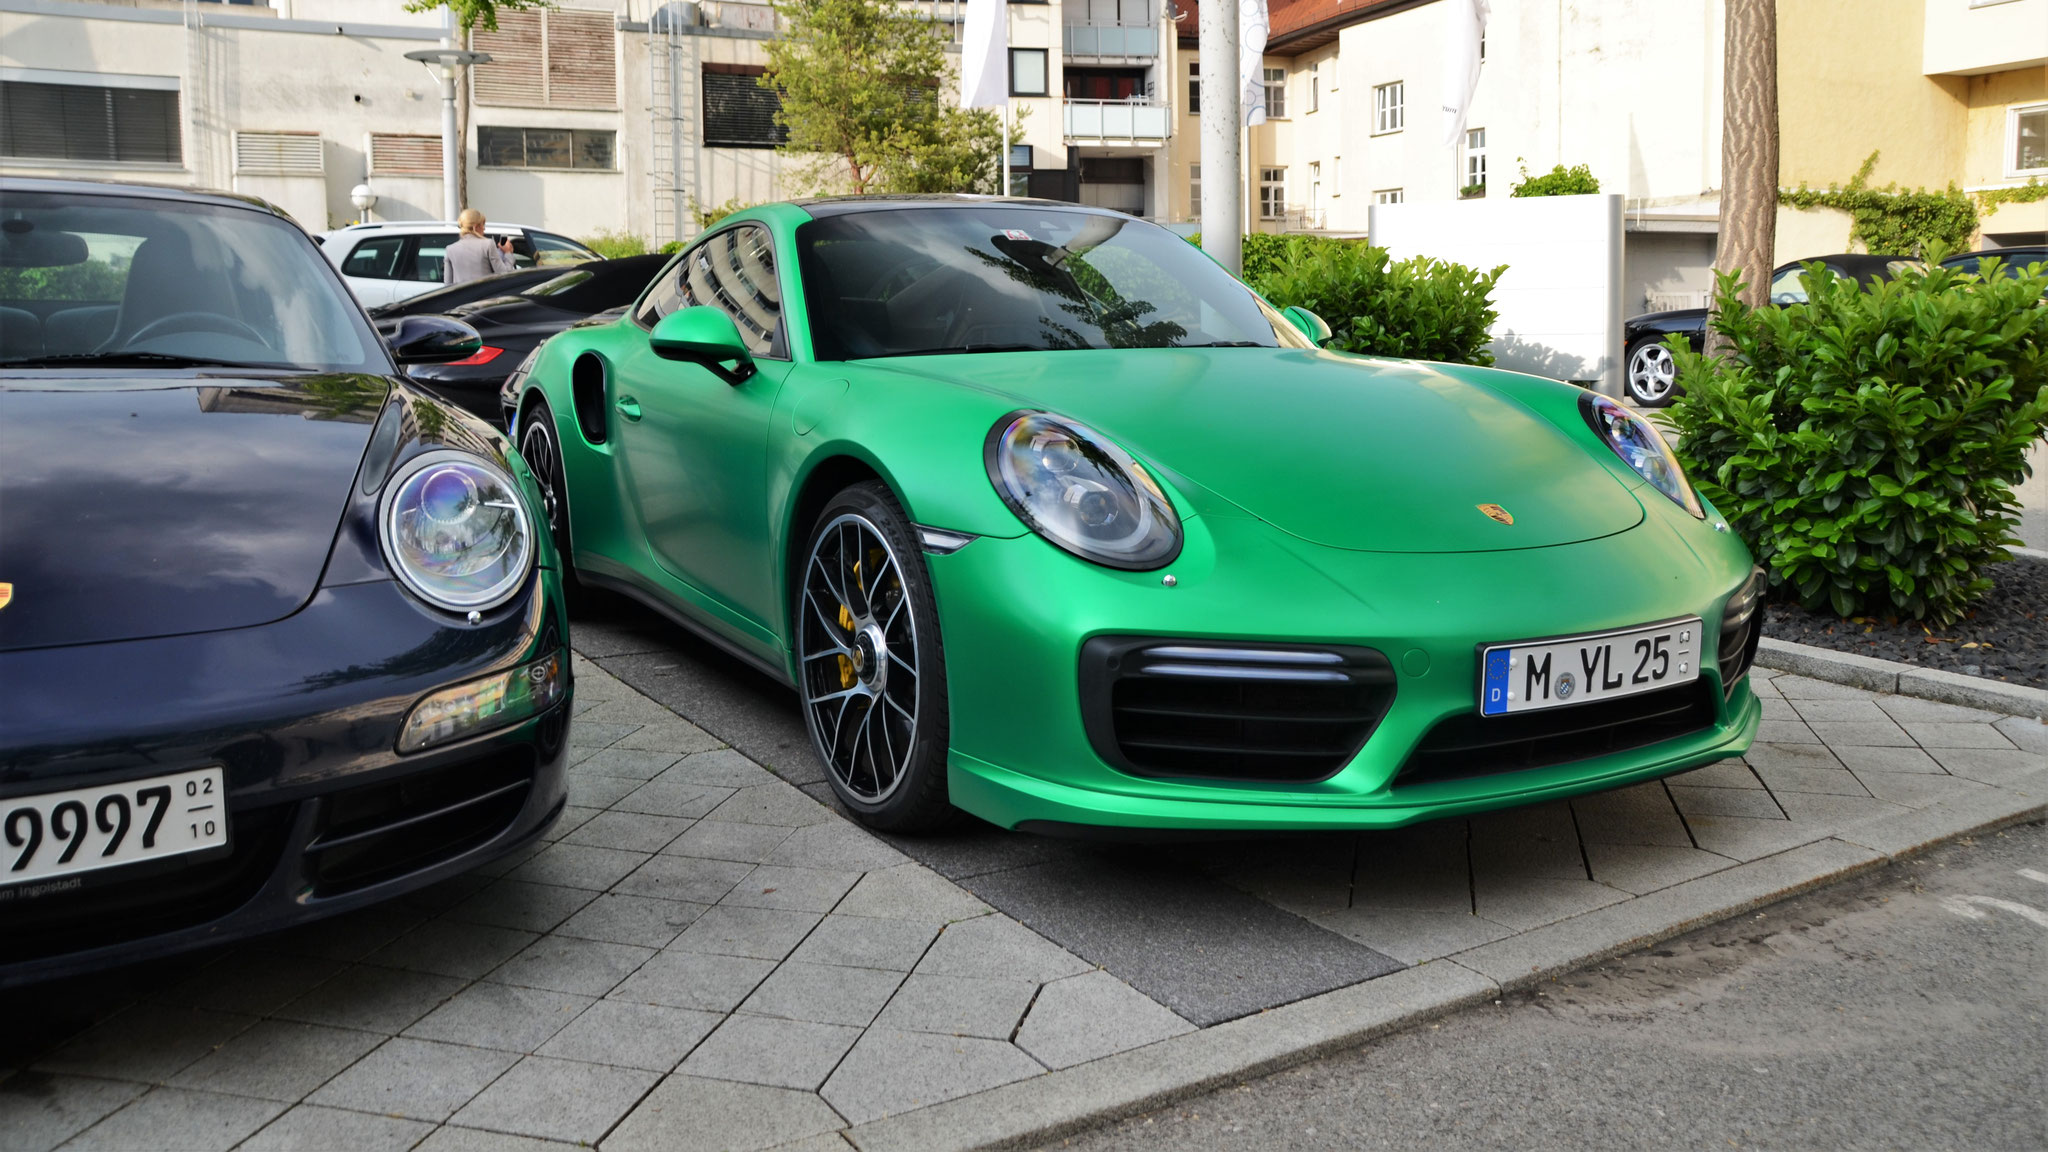 Porsche 911 Turbo - M-YL-25